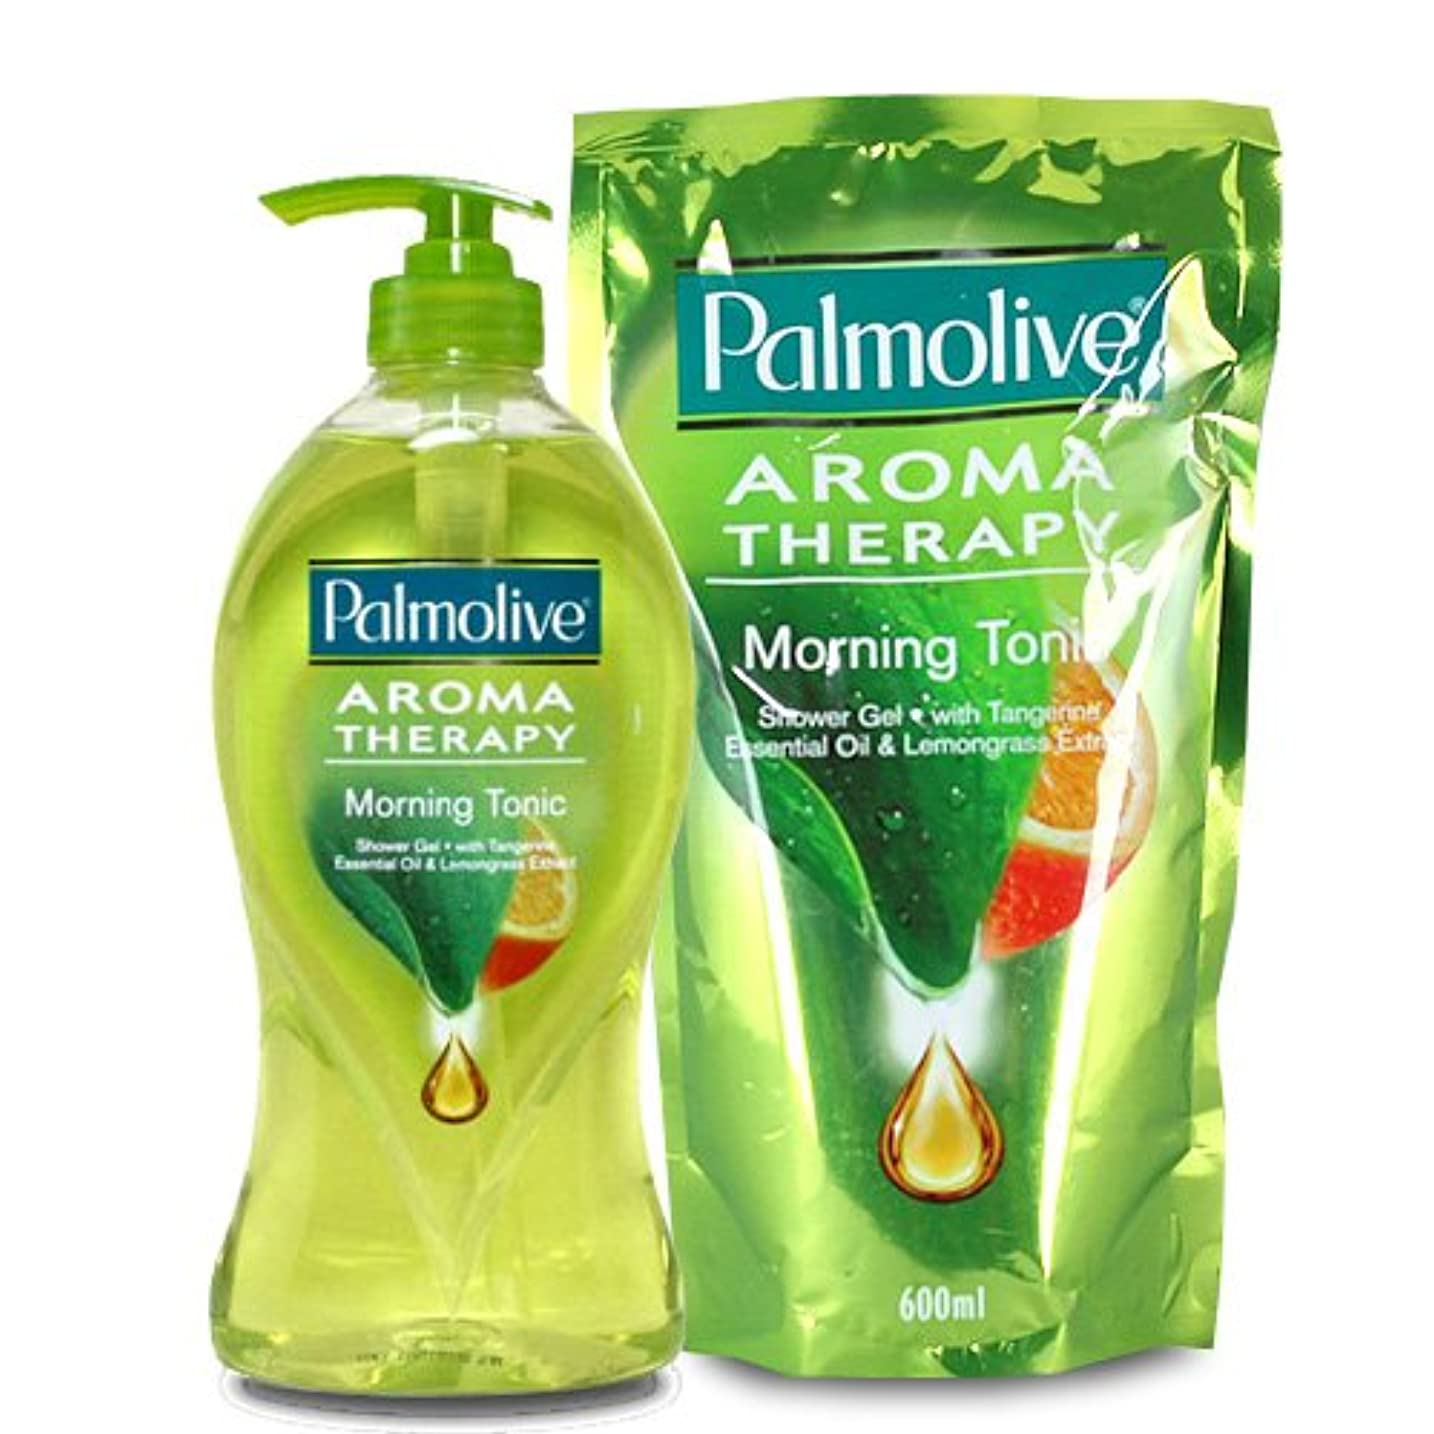 蛇行ラショナル頬【Palmolive】パルモリーブ アロマセラピーシャワージェル ボトルと詰め替えのセット (モーニングトニック)